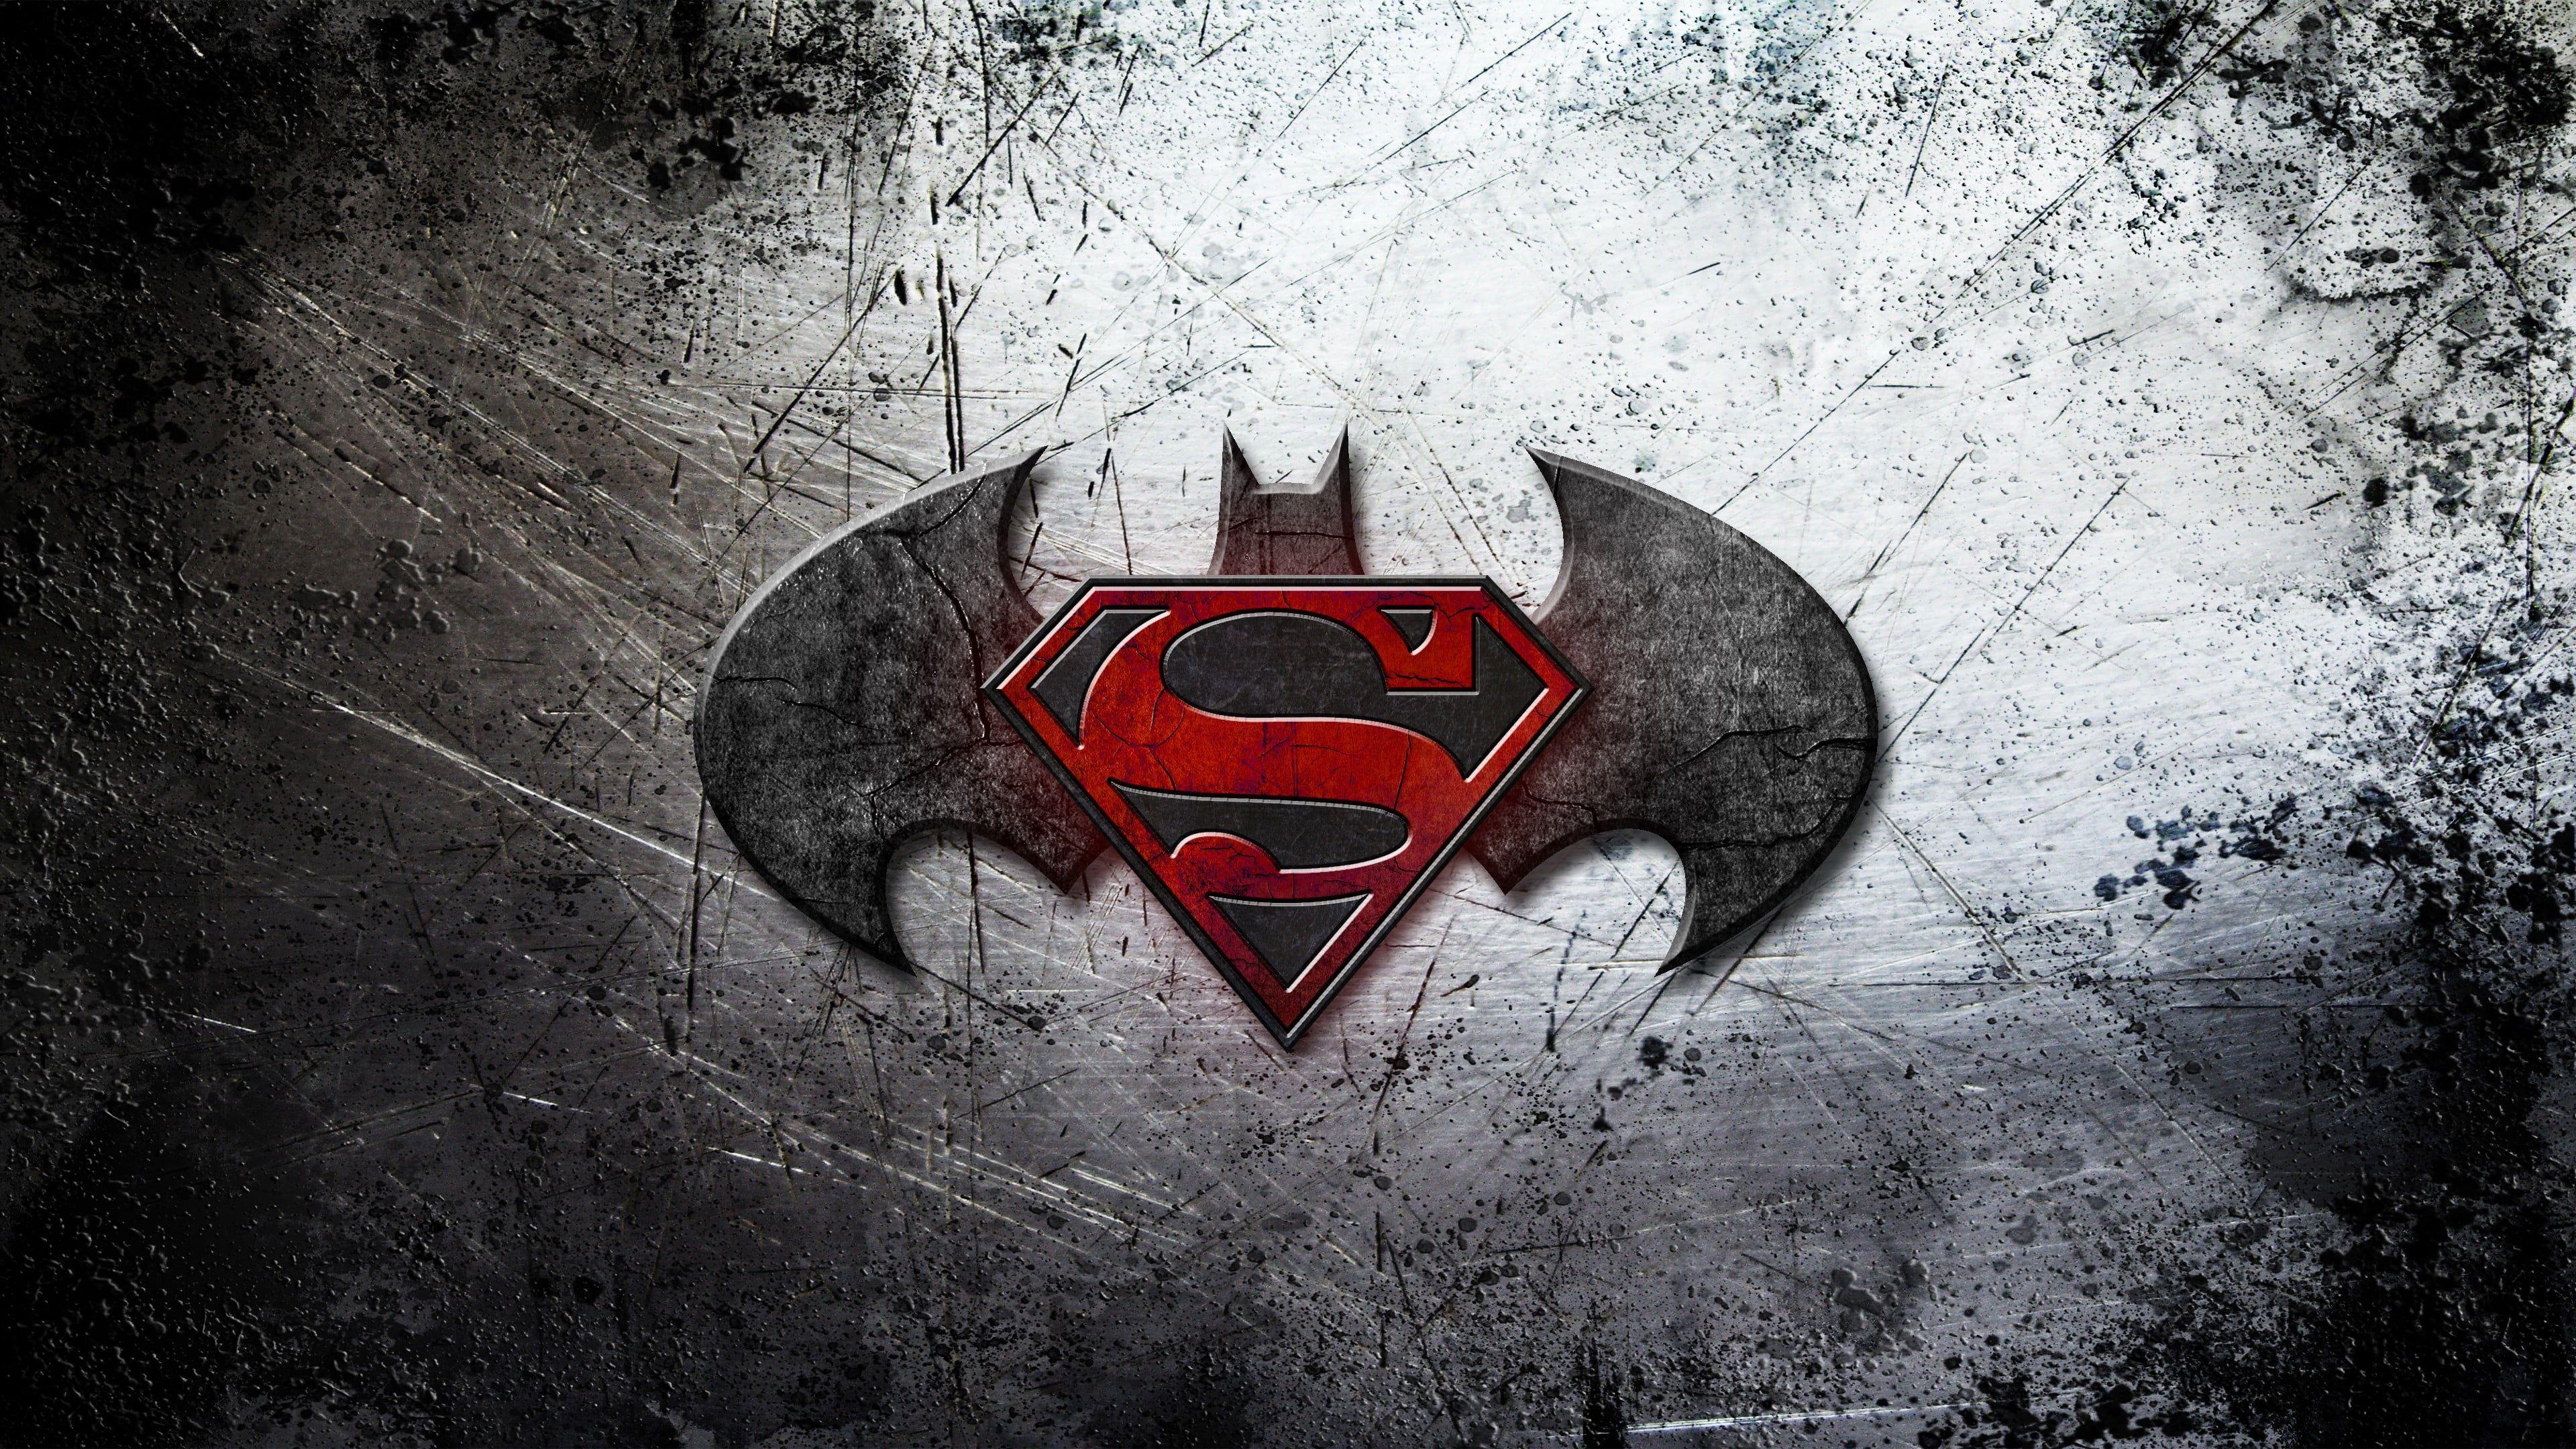 Batman And Superman Logo Digital Wallpaper Movies Batman V Superman Dawn Of Justice 4k Wallpaper Superman Hd Wallpaper Superman Wallpaper Batman Wallpaper